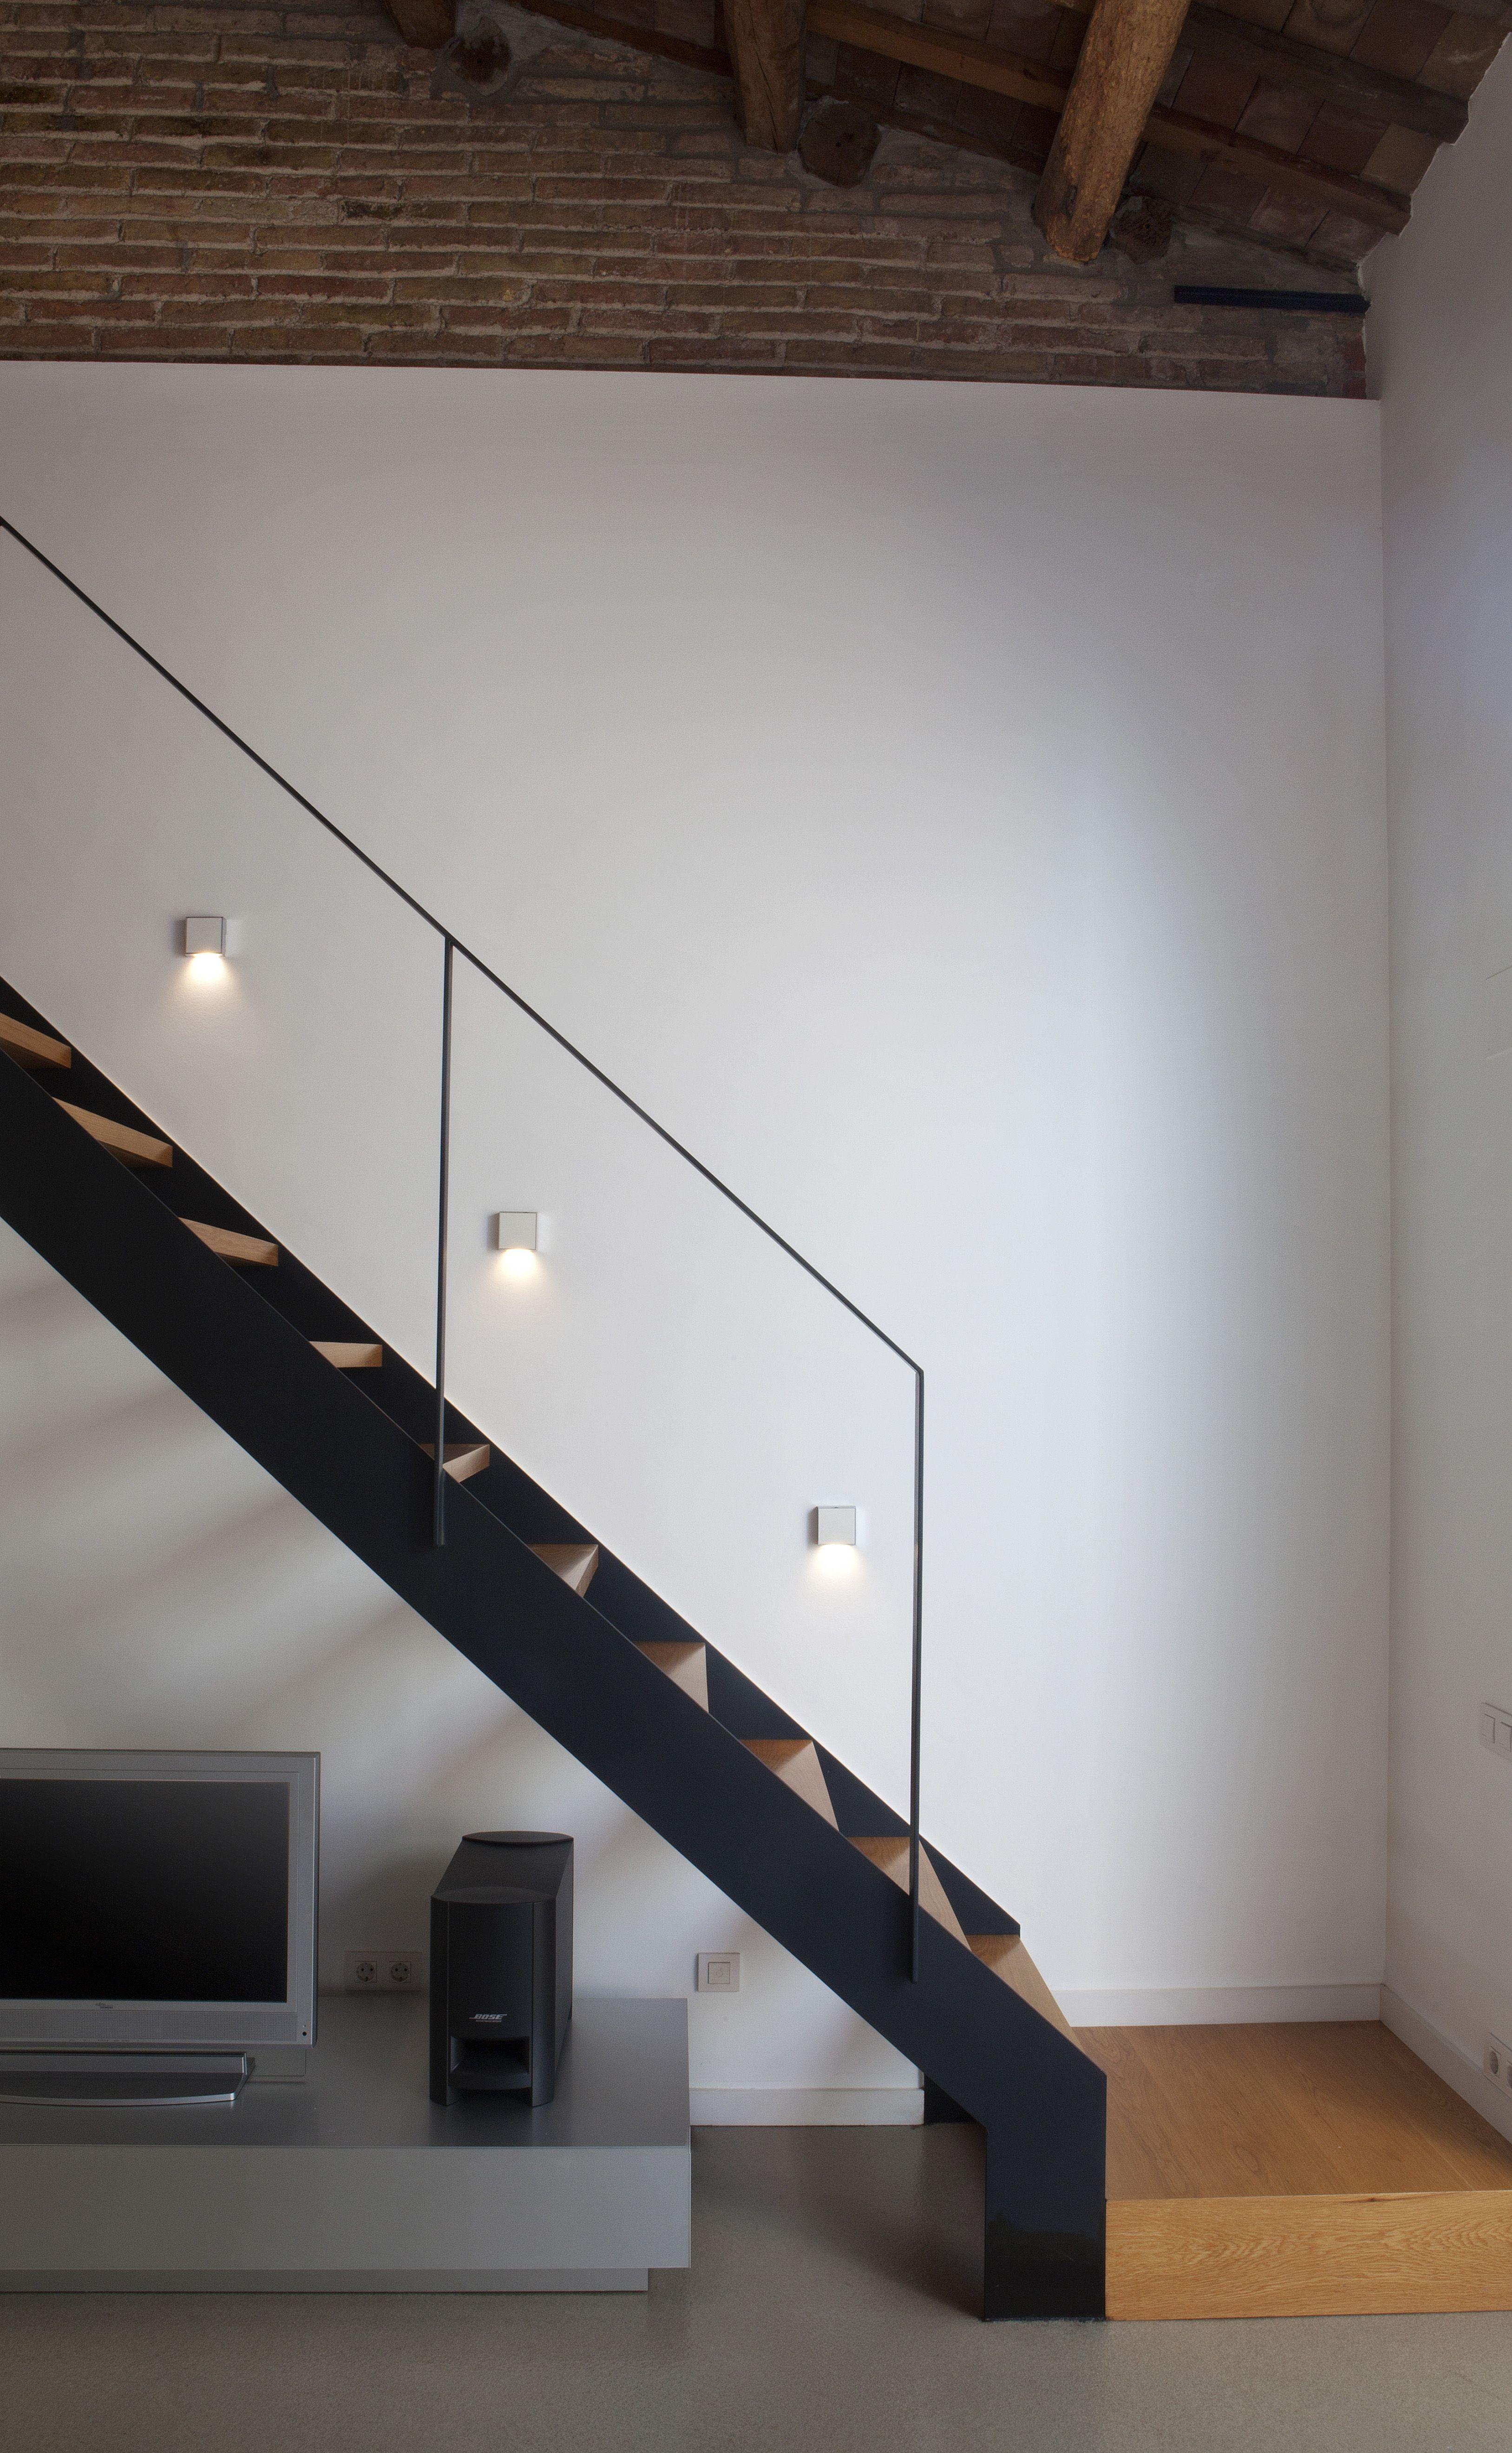 barandillas escaleras barandales metal negro reformas comedor quiero madera escaleras modernas